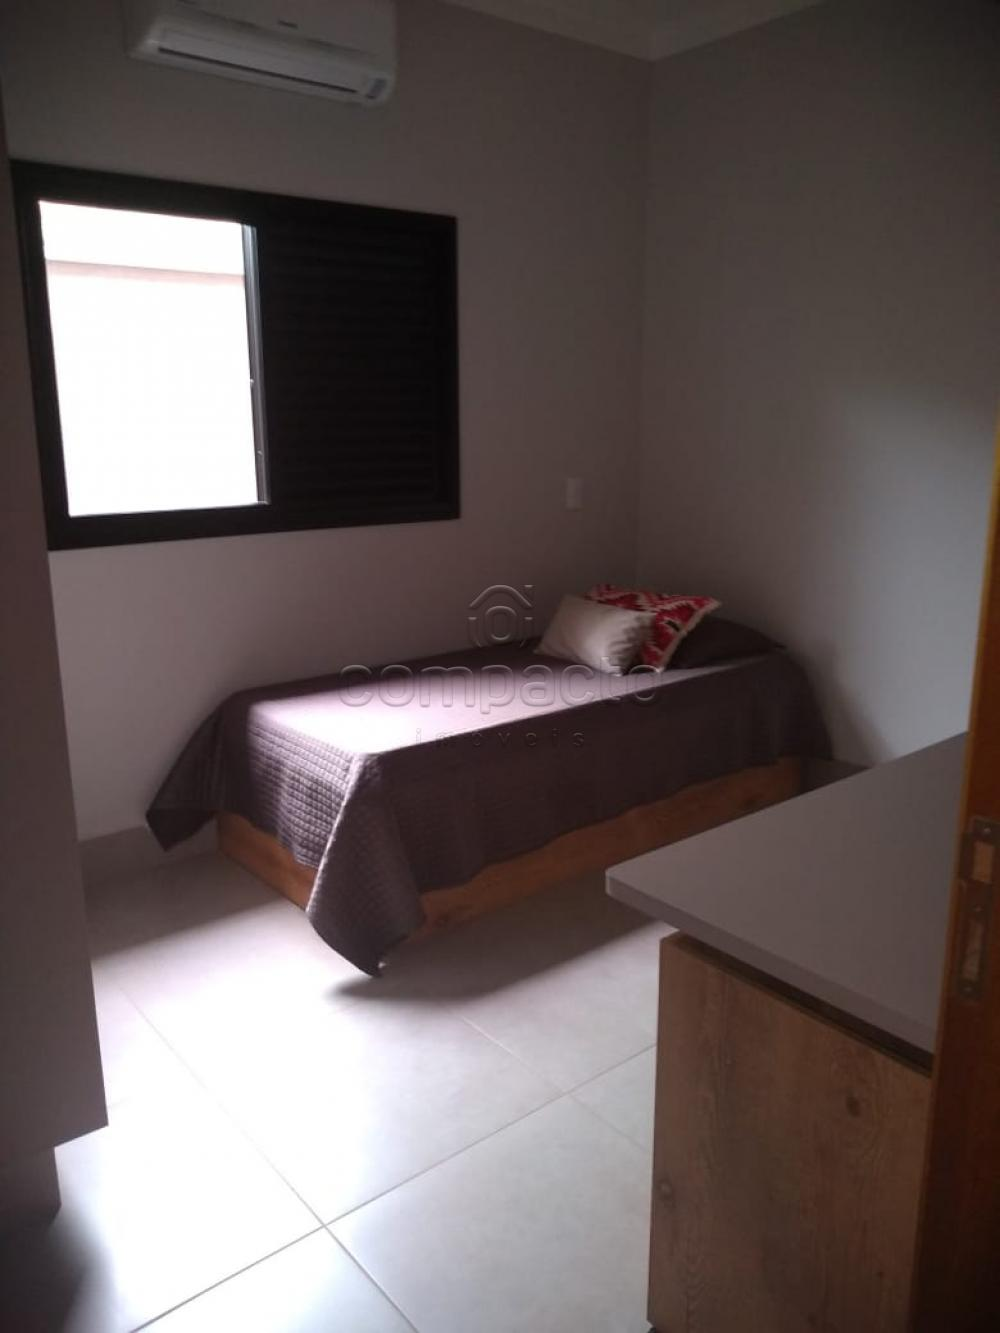 Comprar Casa / Condomínio em São José do Rio Preto apenas R$ 710.000,00 - Foto 13